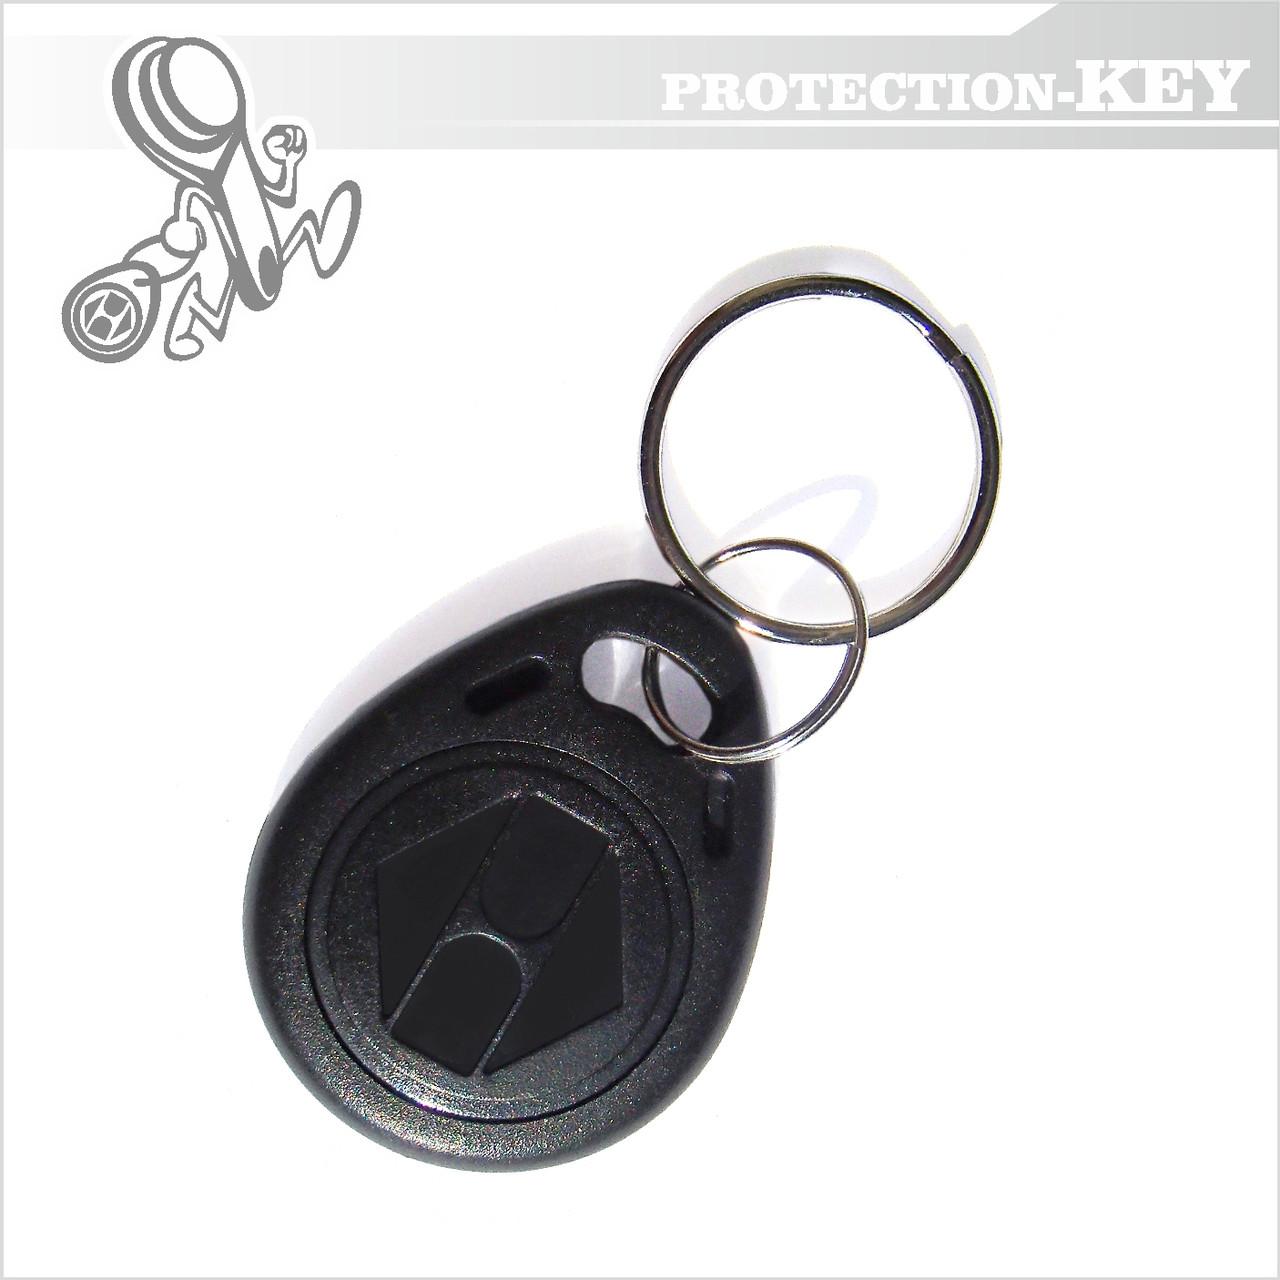 Брелок-заготовка T5577 ABS для копирования домофонных ключей